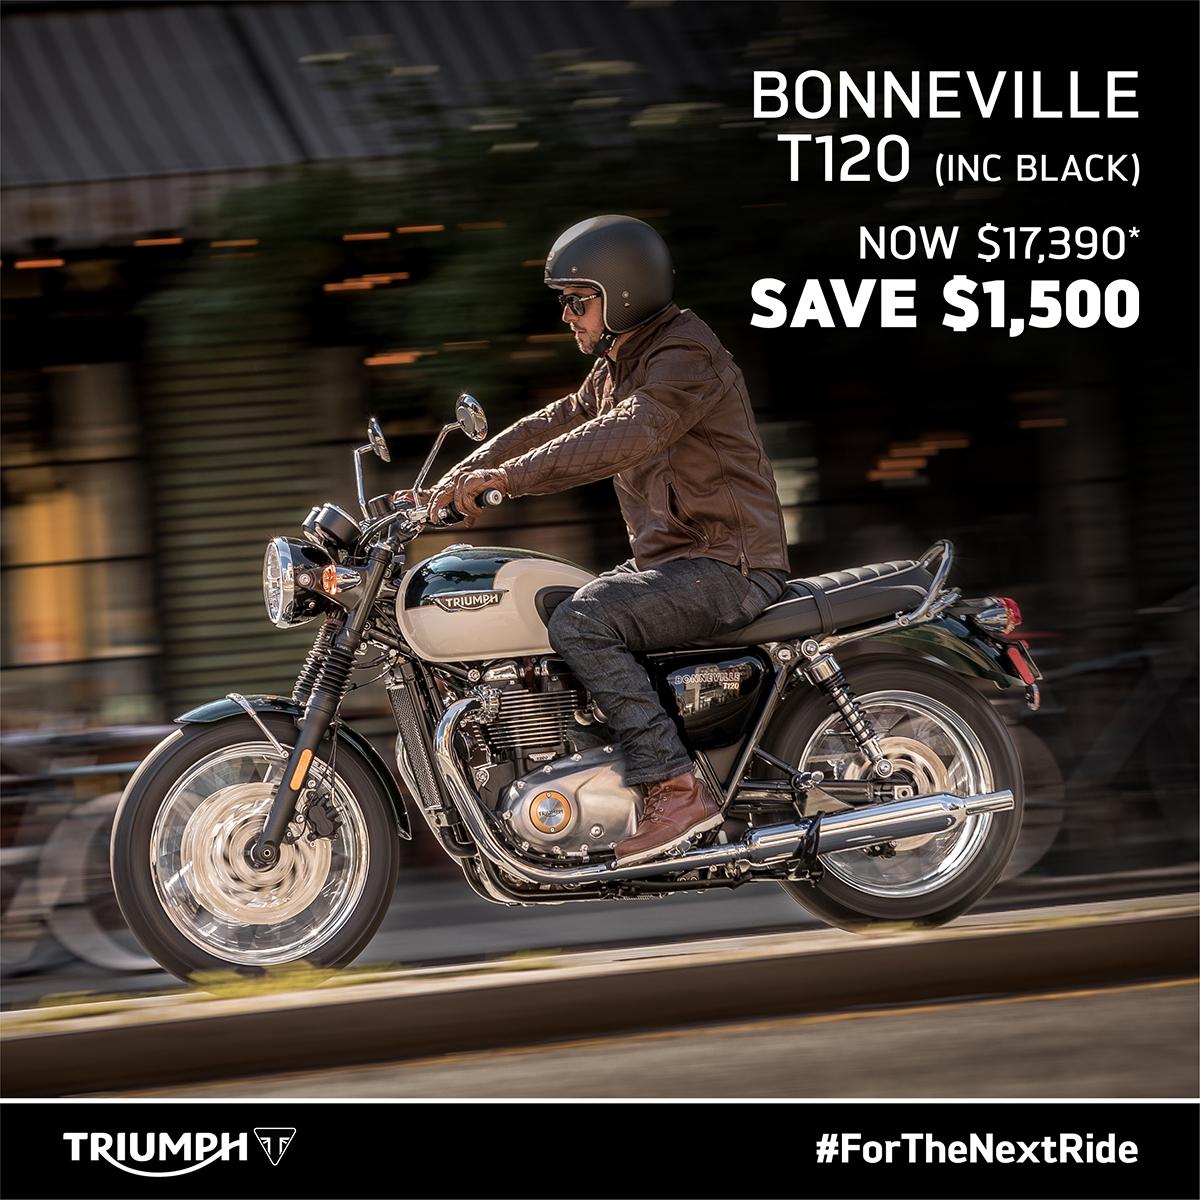 Bonneville T120 On Sale